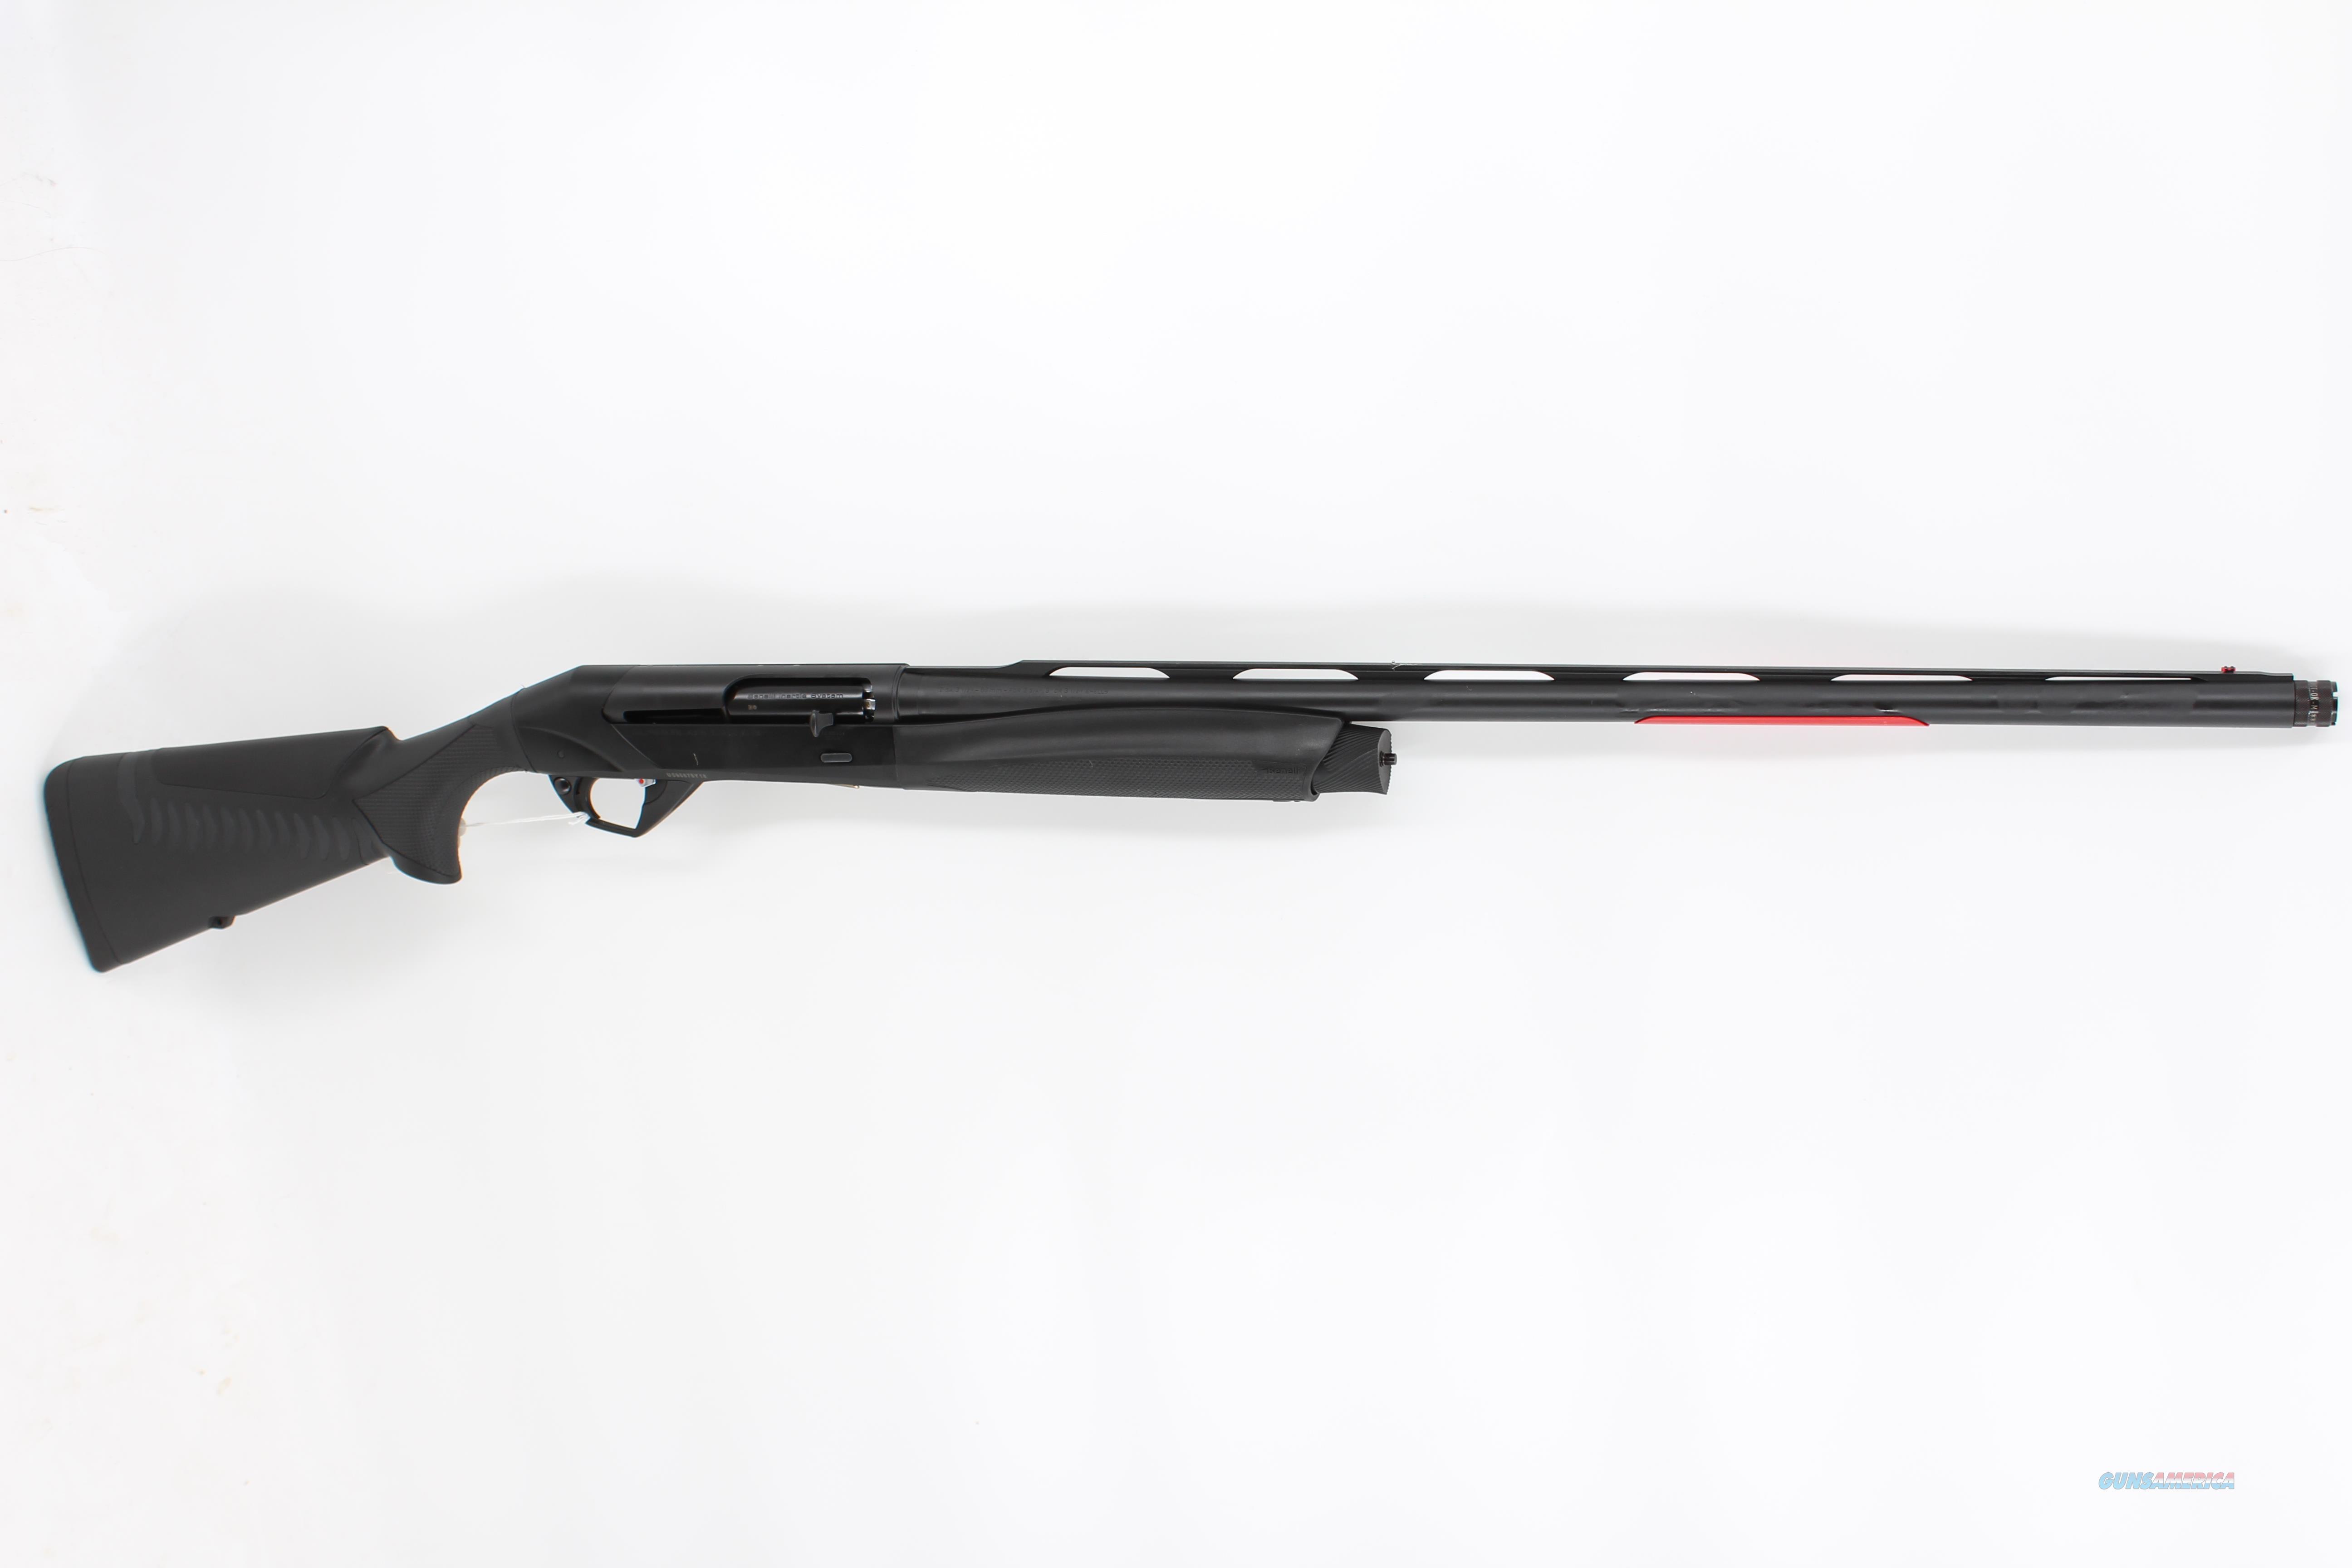 Benelli SBEIII Black 12/28 10316 FREE SHIPPING  Guns > Shotguns > Benelli Shotguns > Sporting